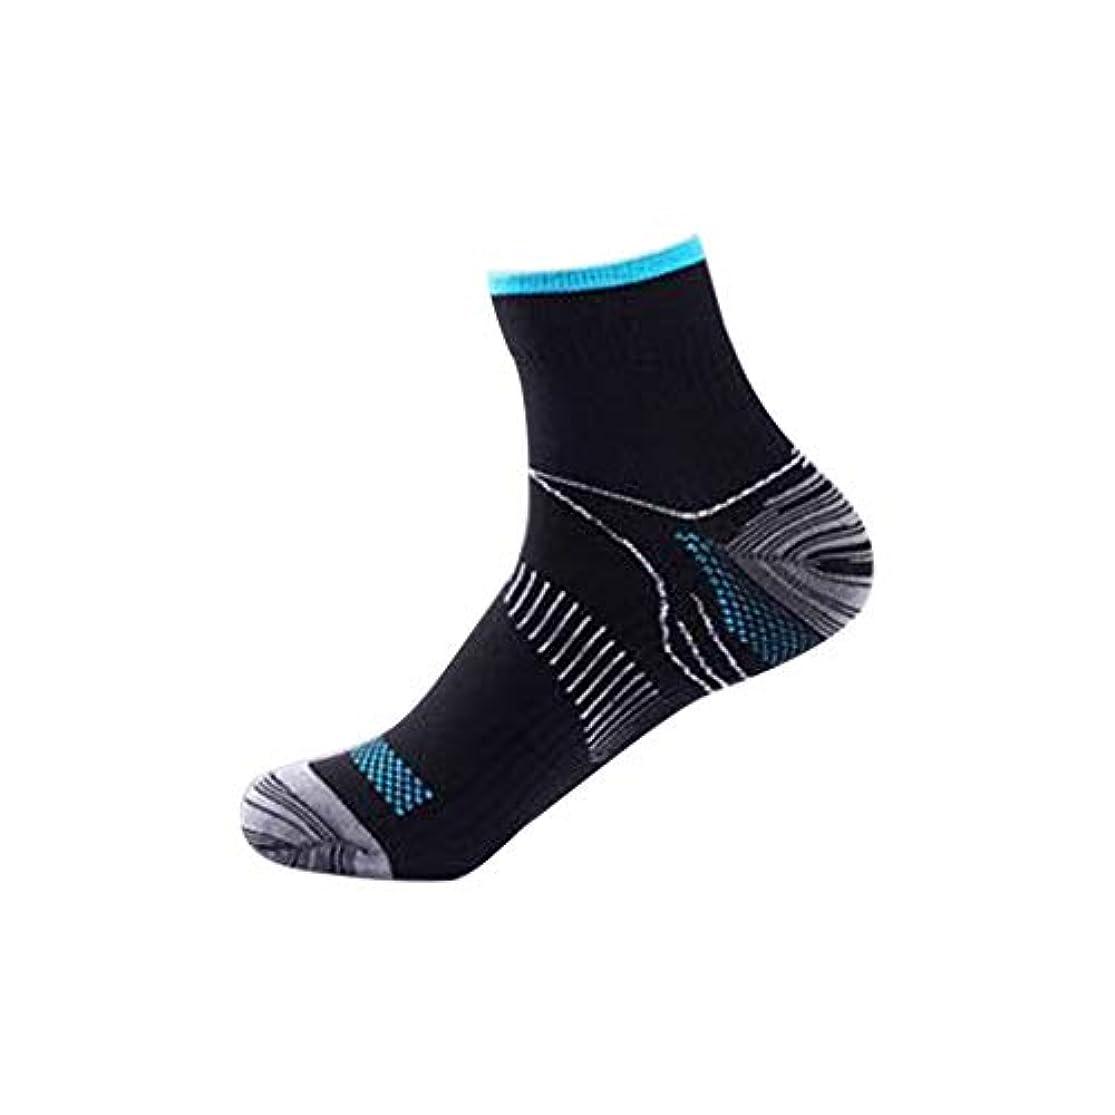 踊り子上に条件付き快適な男性の女性の膝の靴下のサポートストレッチ通気性の靴下の下の短いストレッチ圧縮の靴下